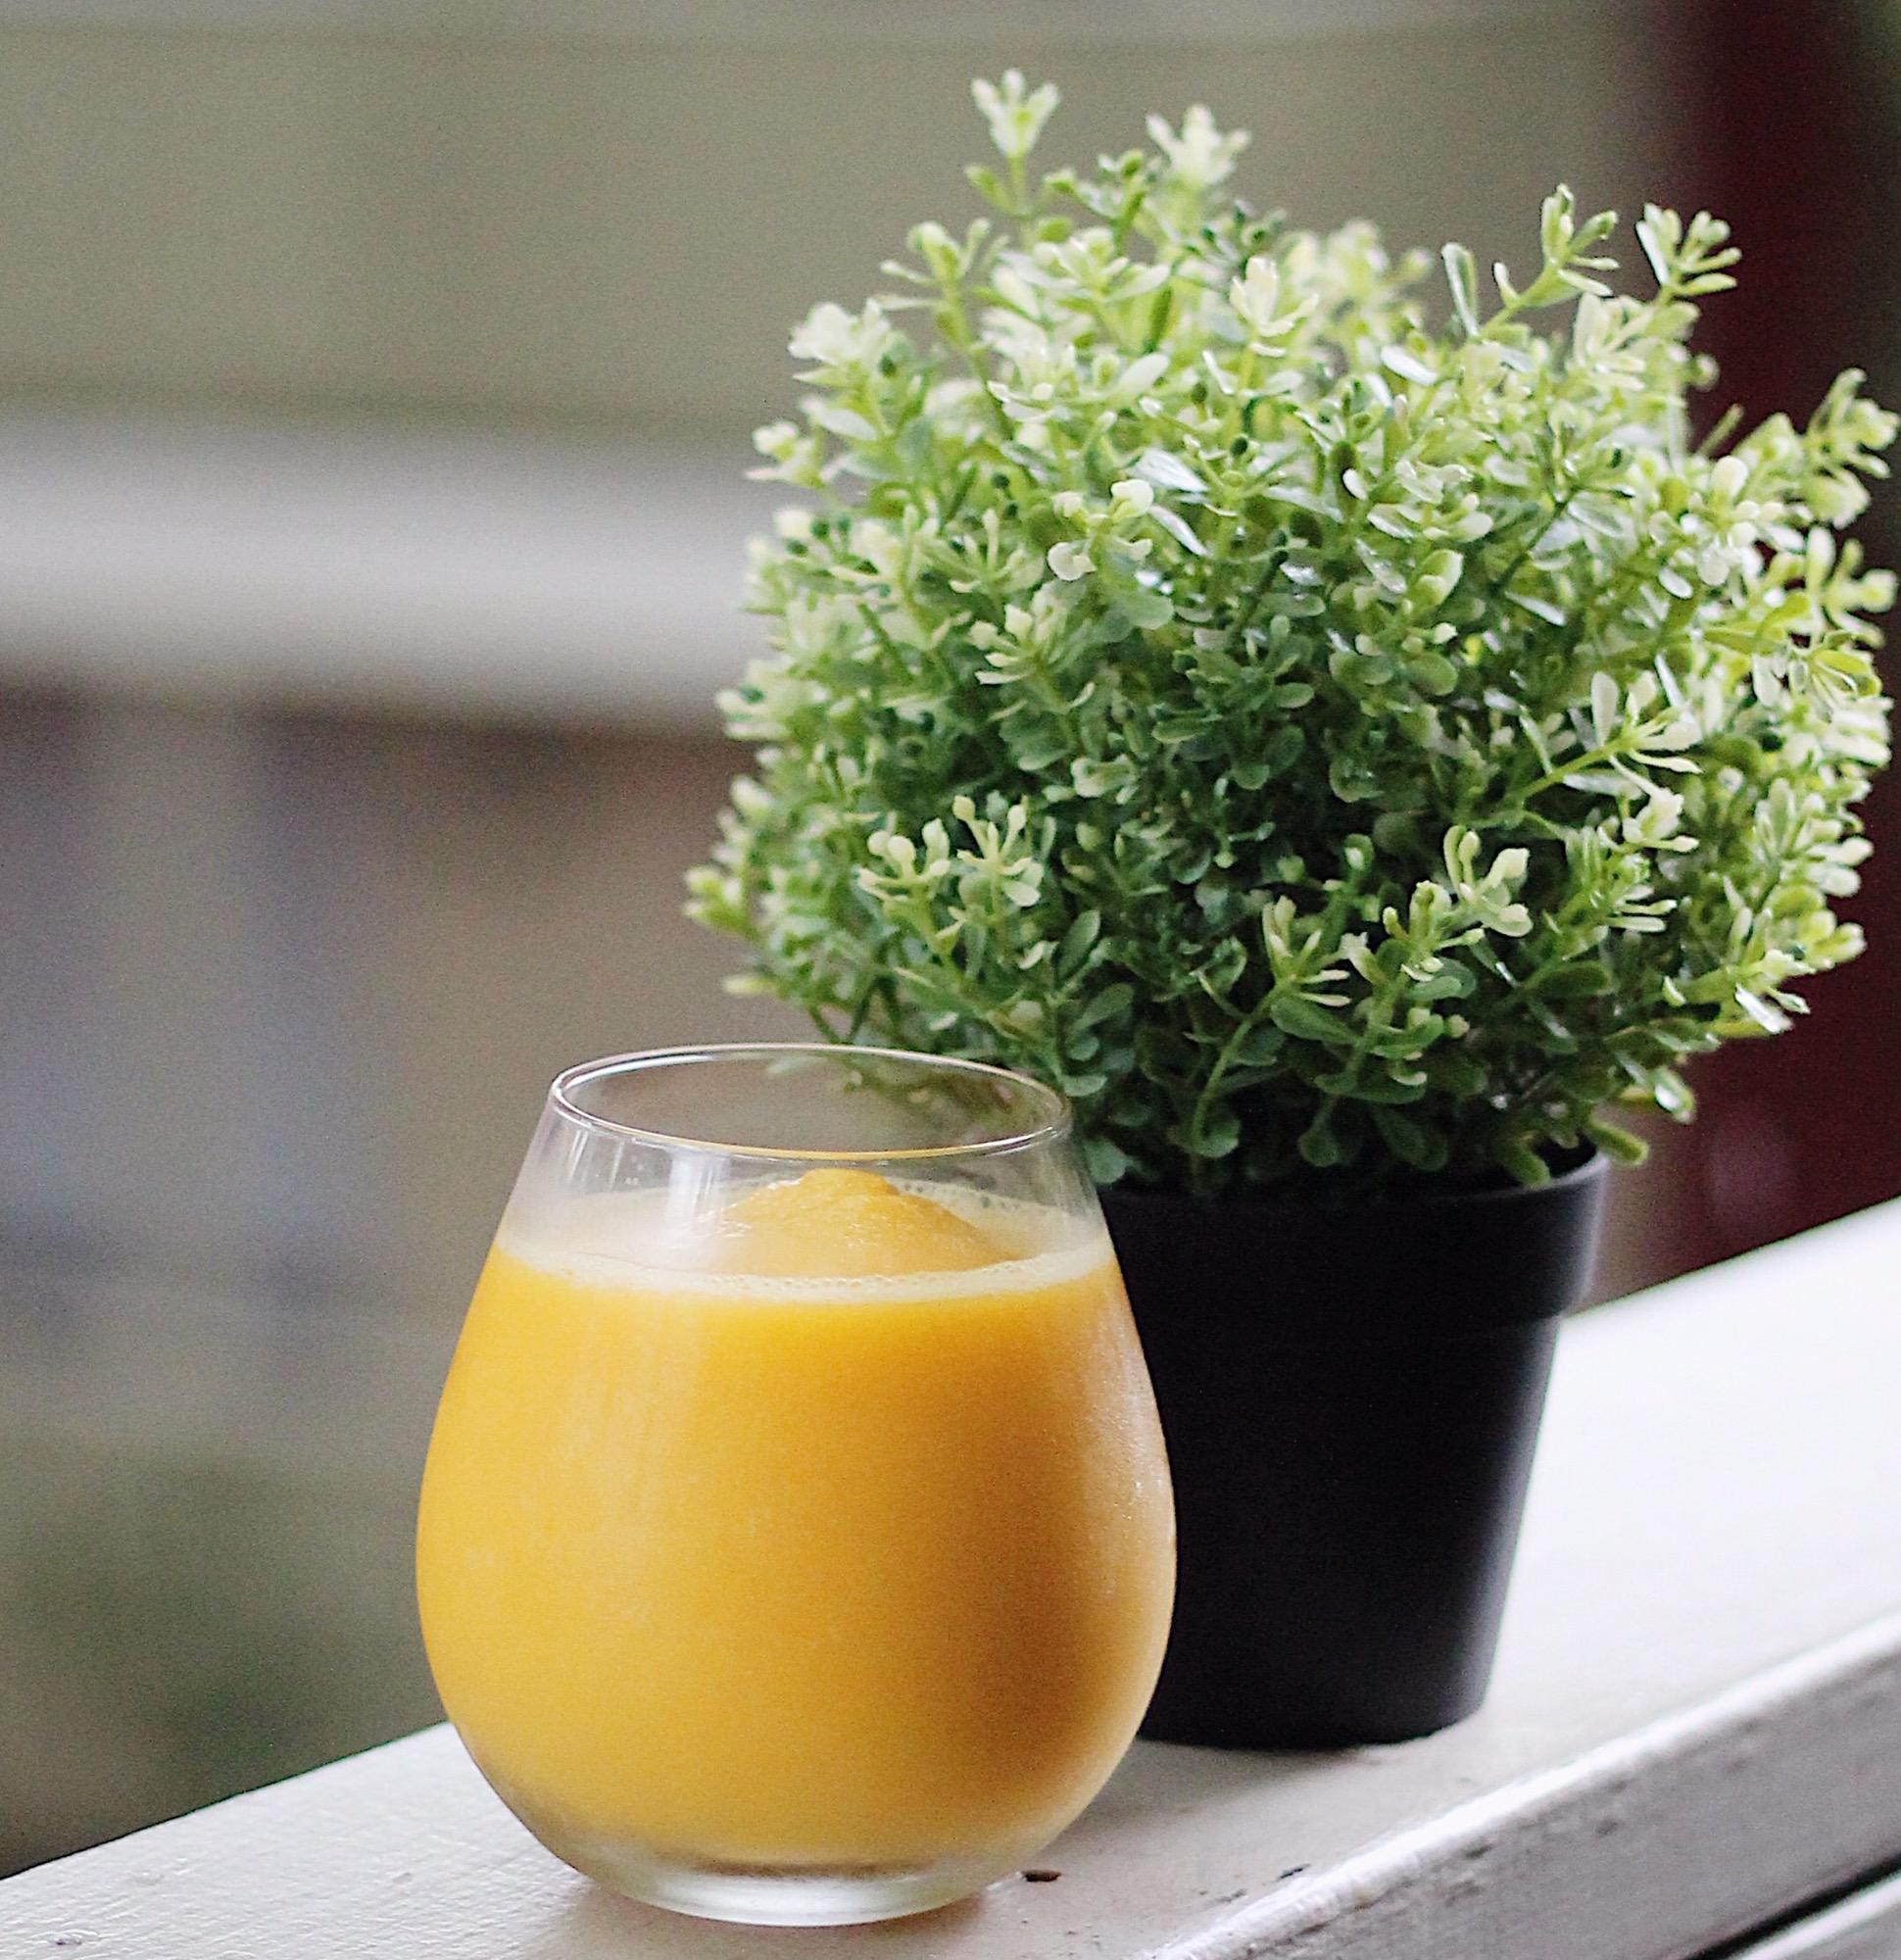 How to make a mango ginger honey smoothie recipe